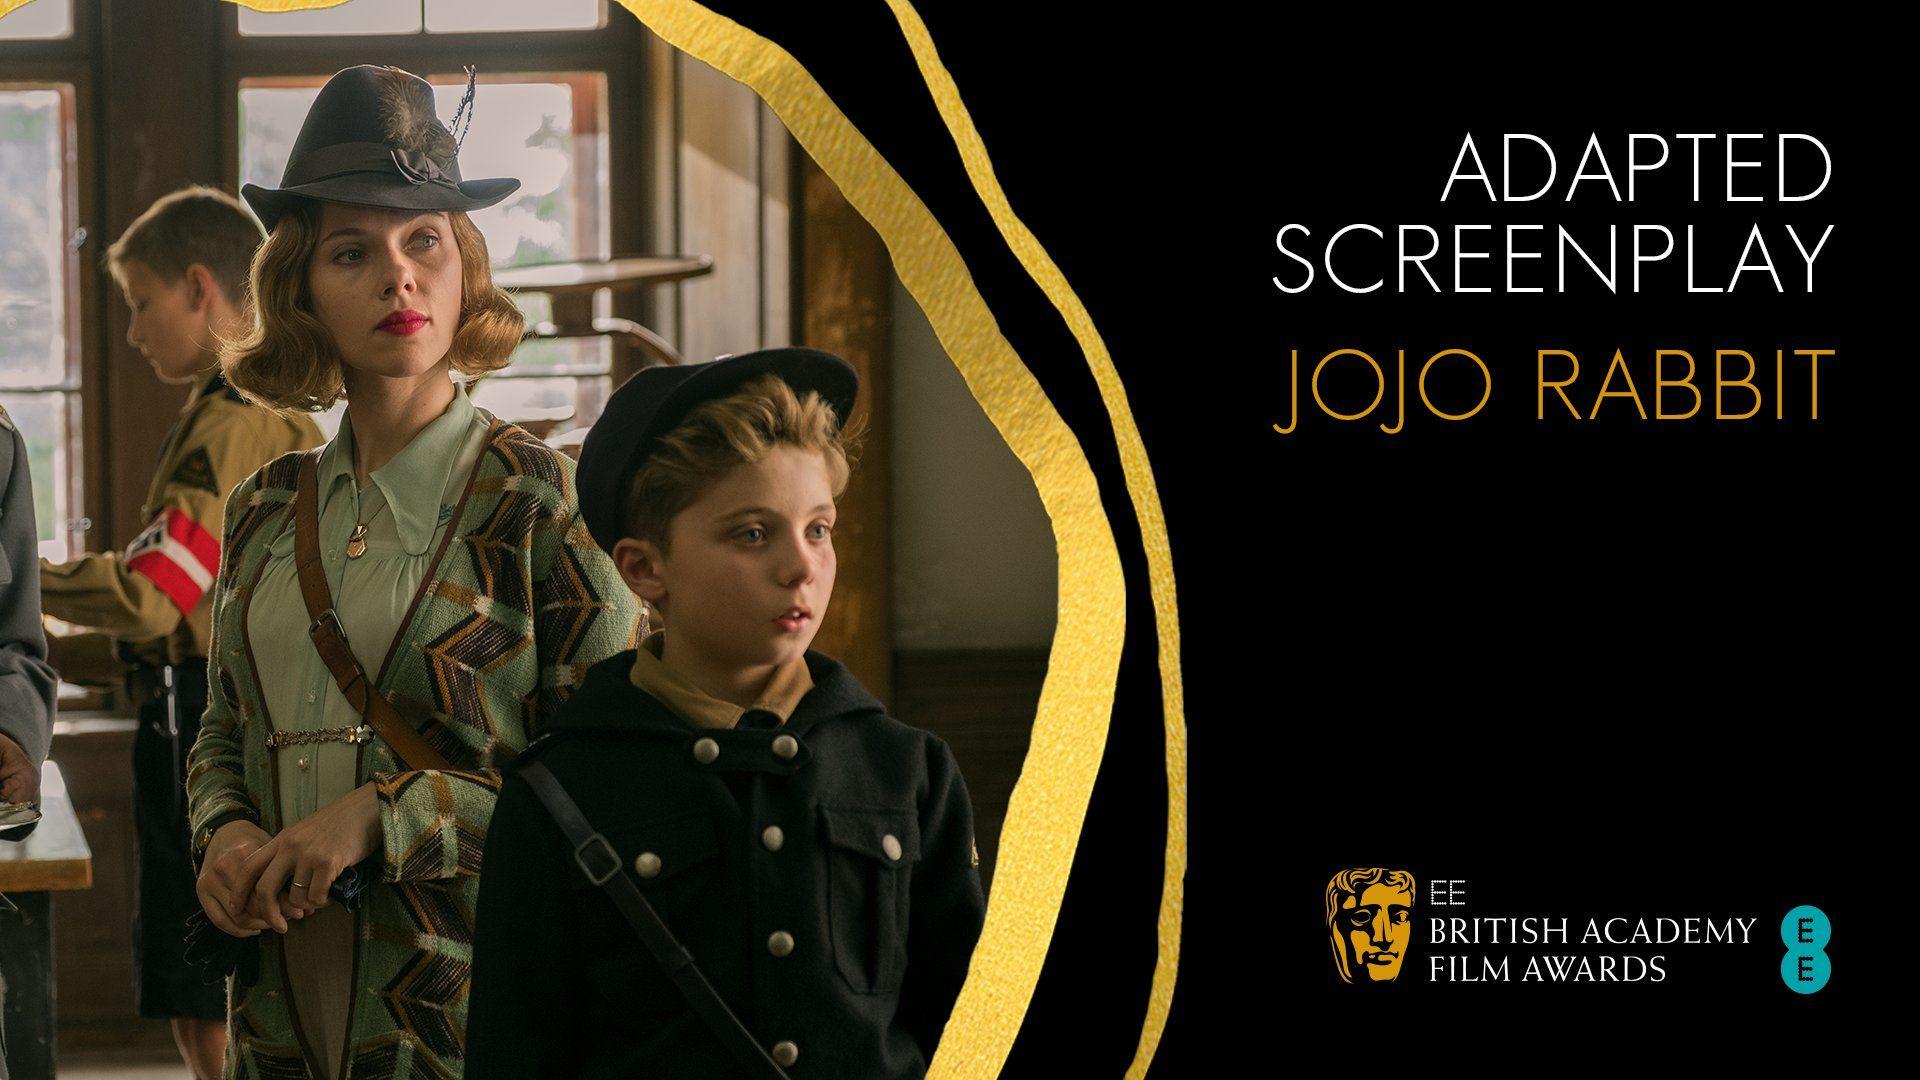 Jojo Rabbit Migliore Sceneggiatura Adattata ai BAFTA 2020